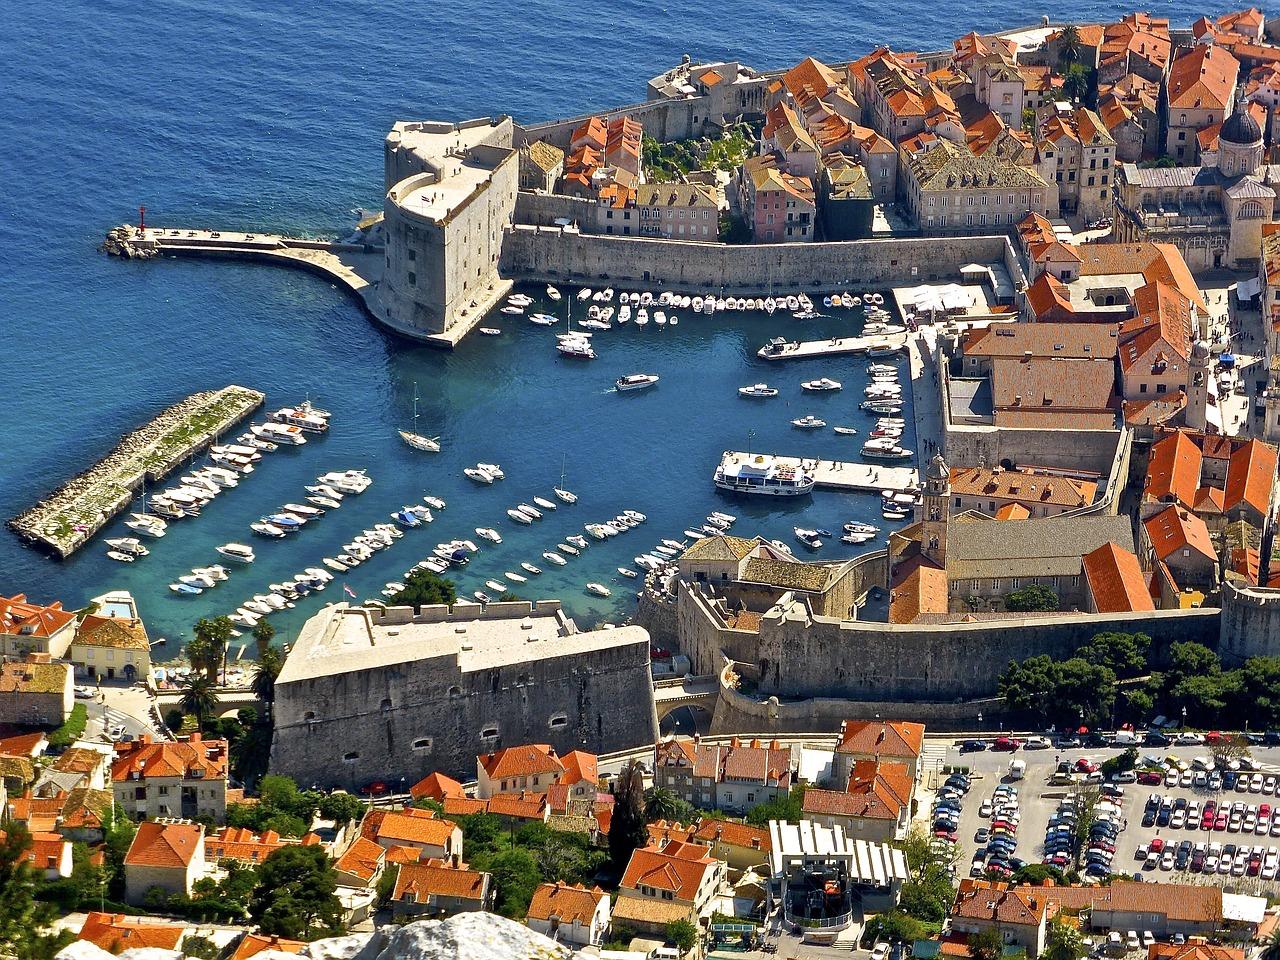 Hotel in Croazia. Prima della vacanza e meglio decidere se stare in un piccolo albergo o un albergo di lusso o un alloggio in uno dei molti appartamenti privati. #marecroazia